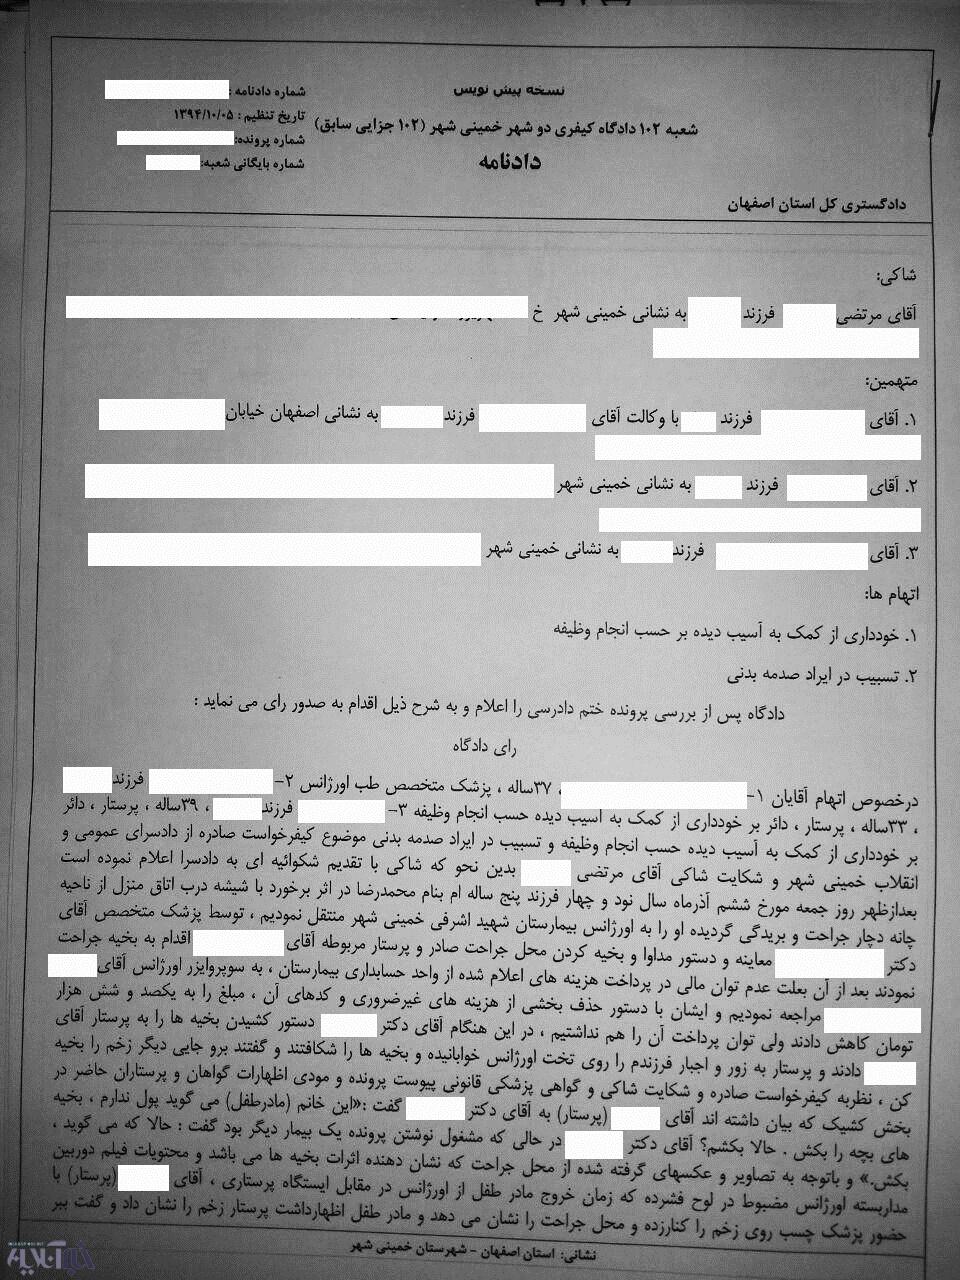 صدور حکم پزشک و پرستار بیمارستان خمینیشهر